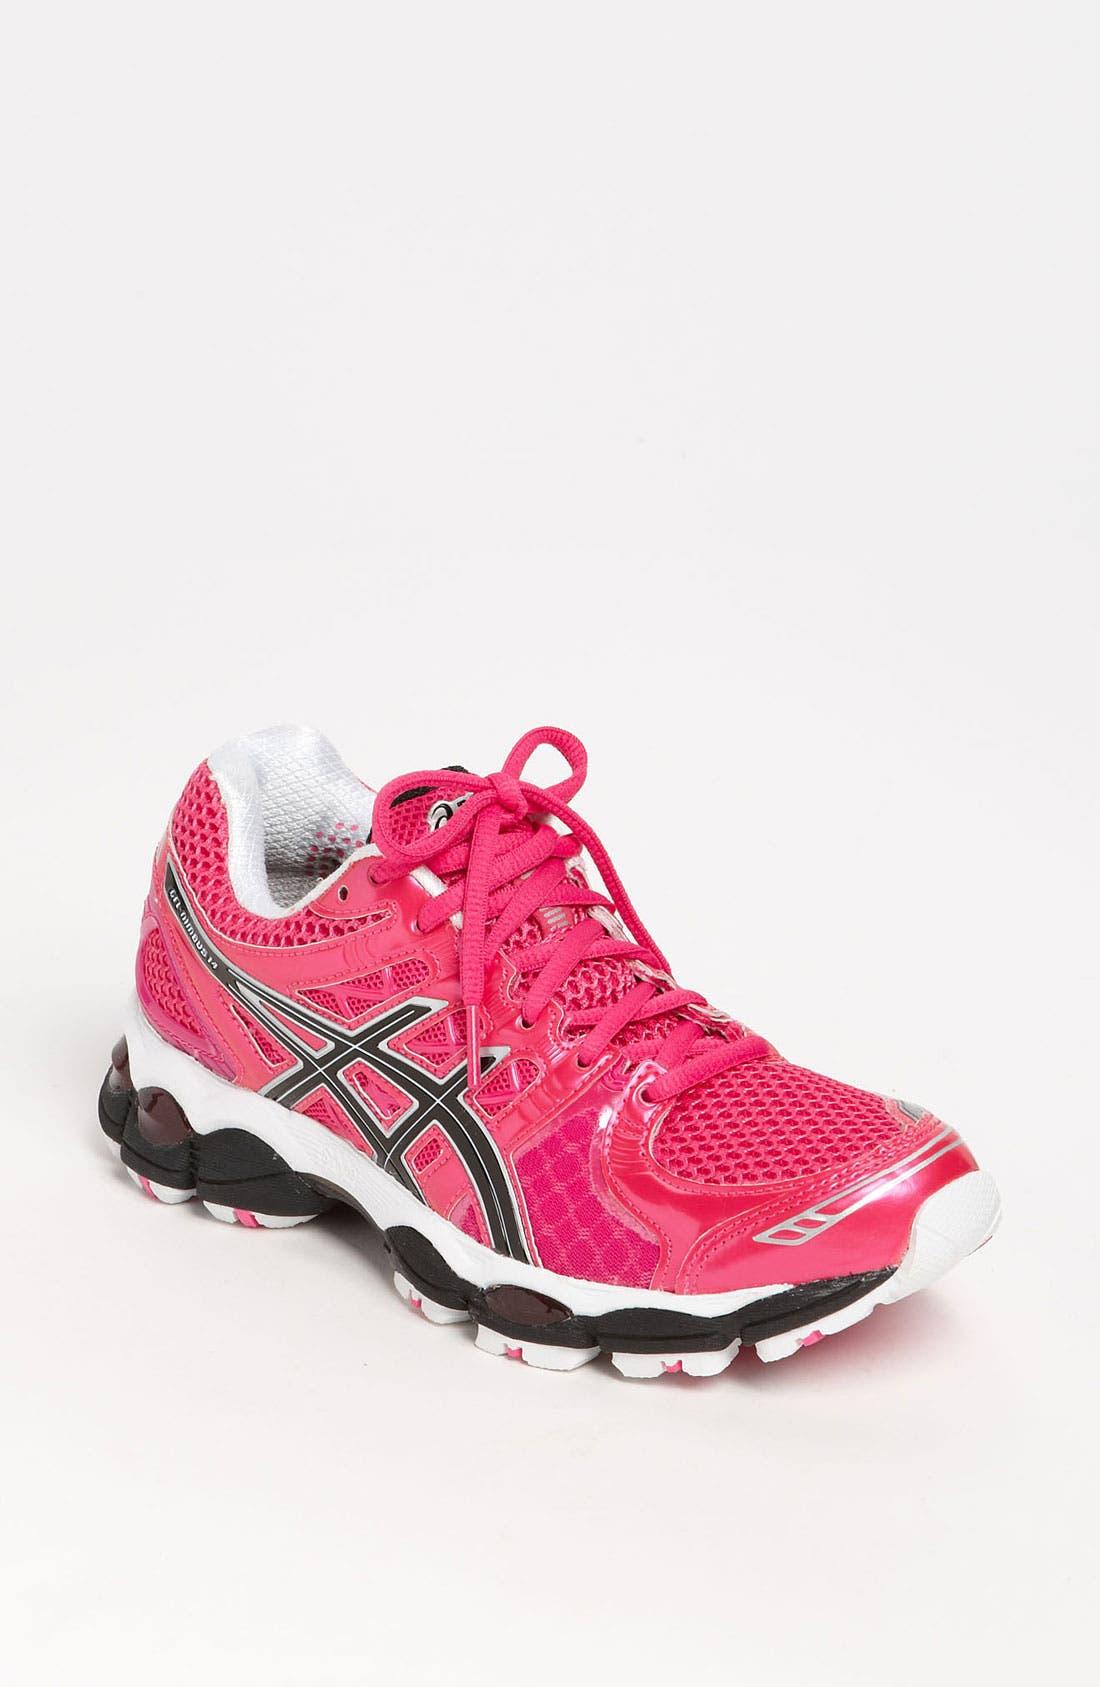 Main Image - ASICS® 'GEL-Nimbus 14' Running Shoe (Women)(Retail Price: $139.95)